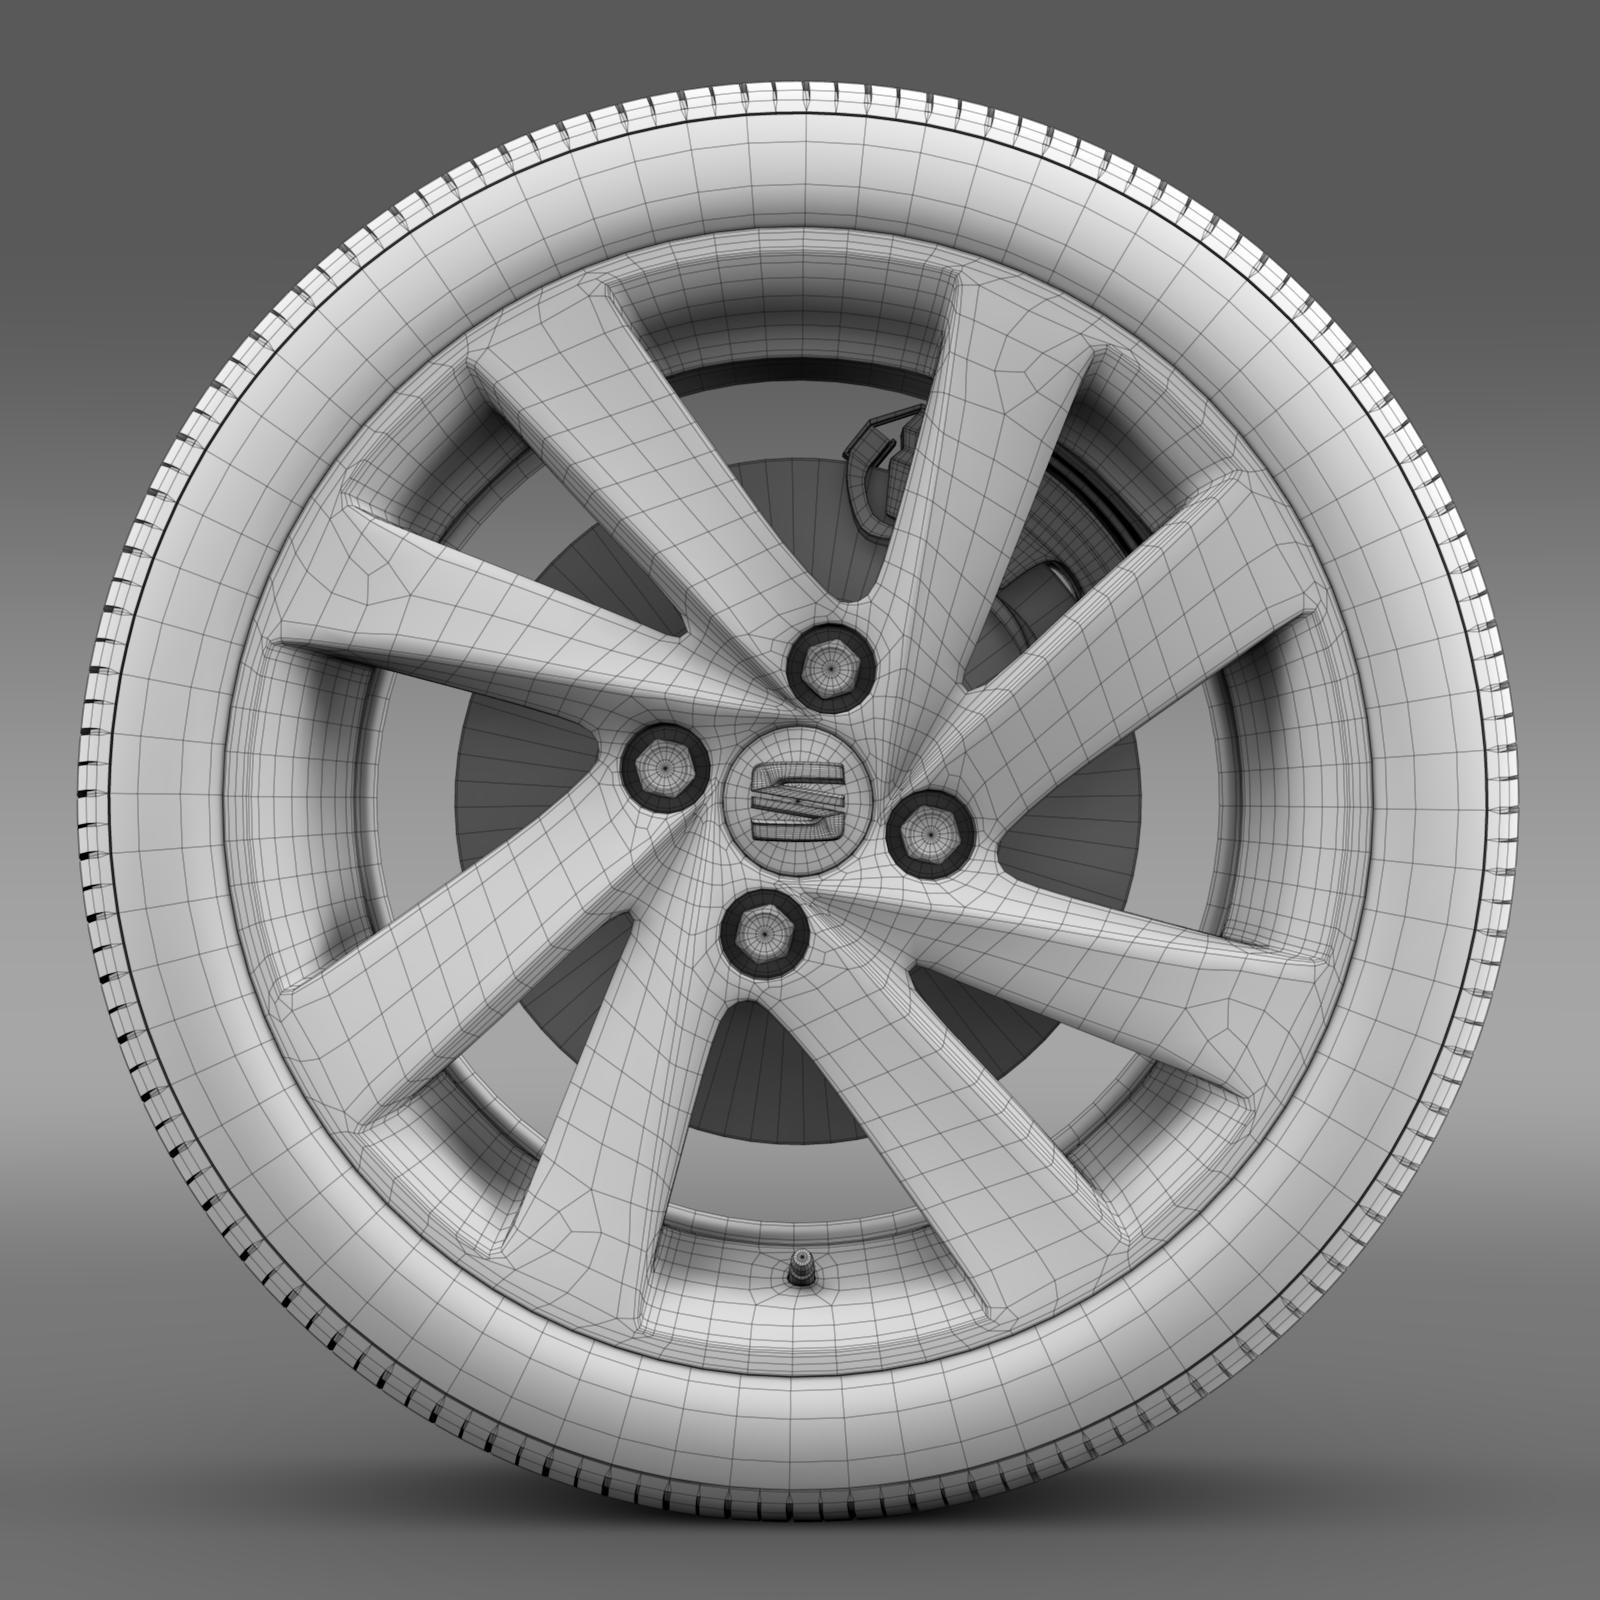 seat mii wheel 3d model 3ds max fbx c4d lwo ma mb hrc xsi obj 210865